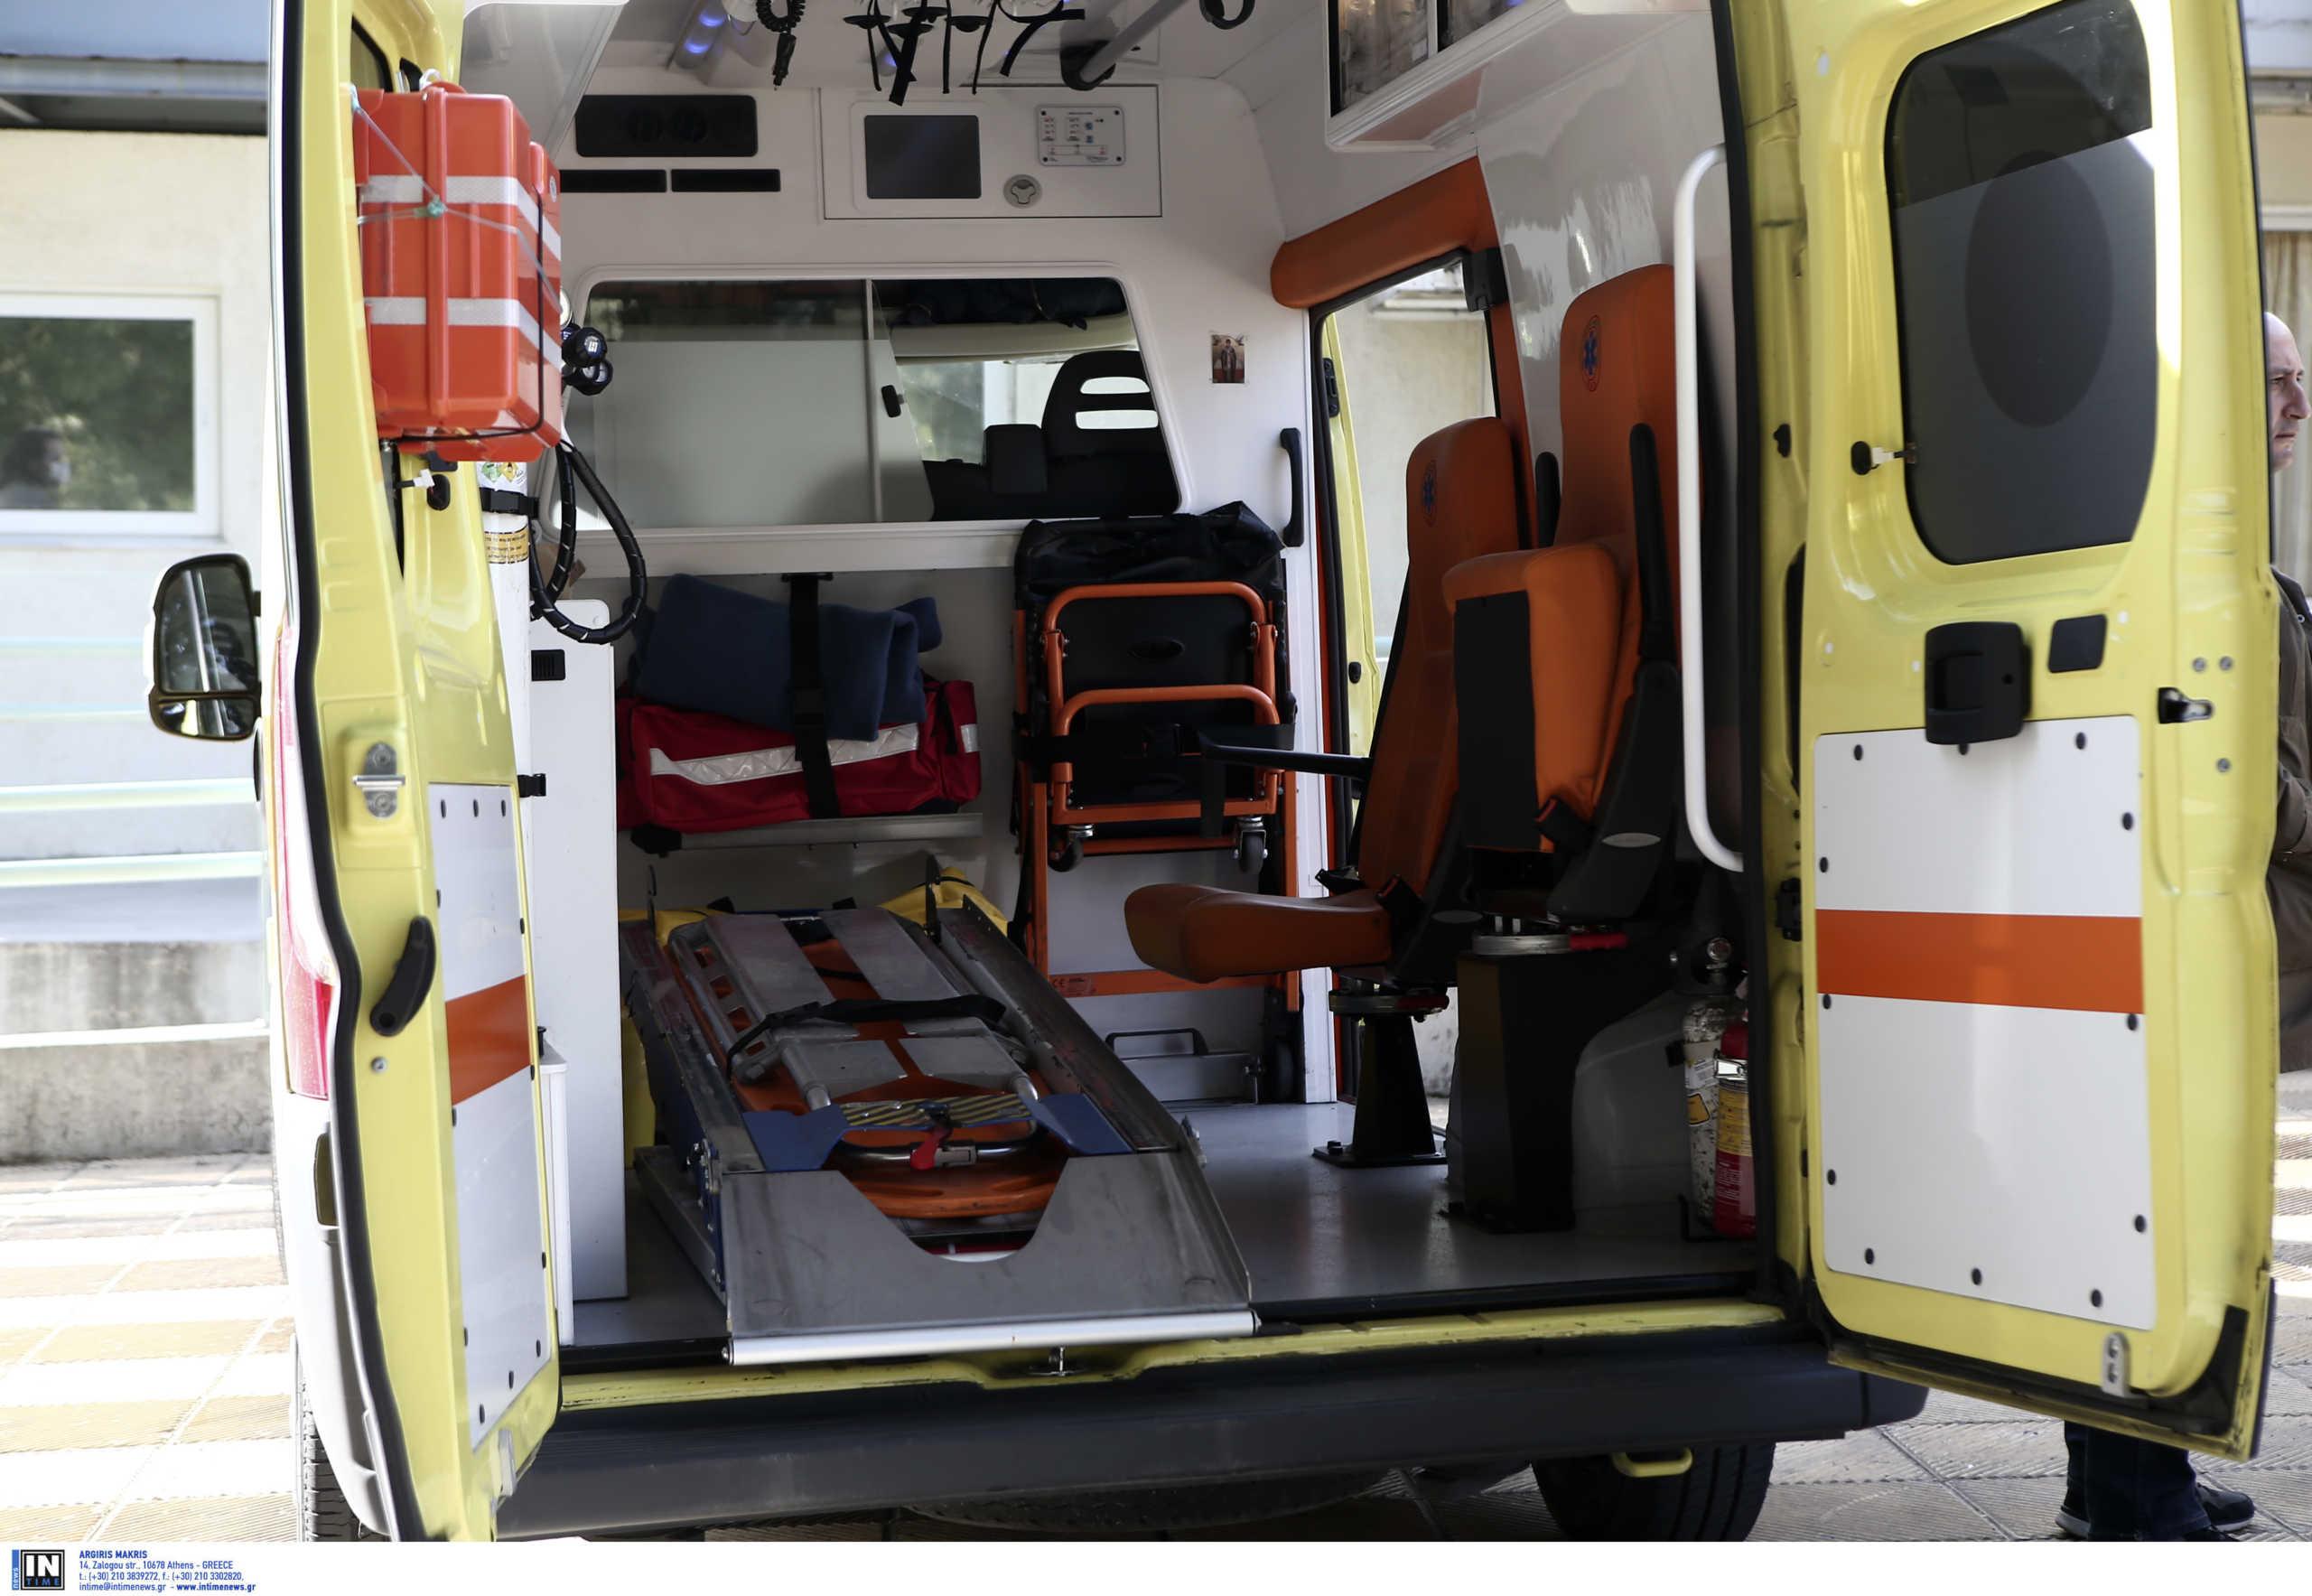 Χανιά: Τον καταπλάκωσε το τρακτέρ που οδηγούσε! Ώρες αγωνίας για τον αγρότη στο νοσοκομείο